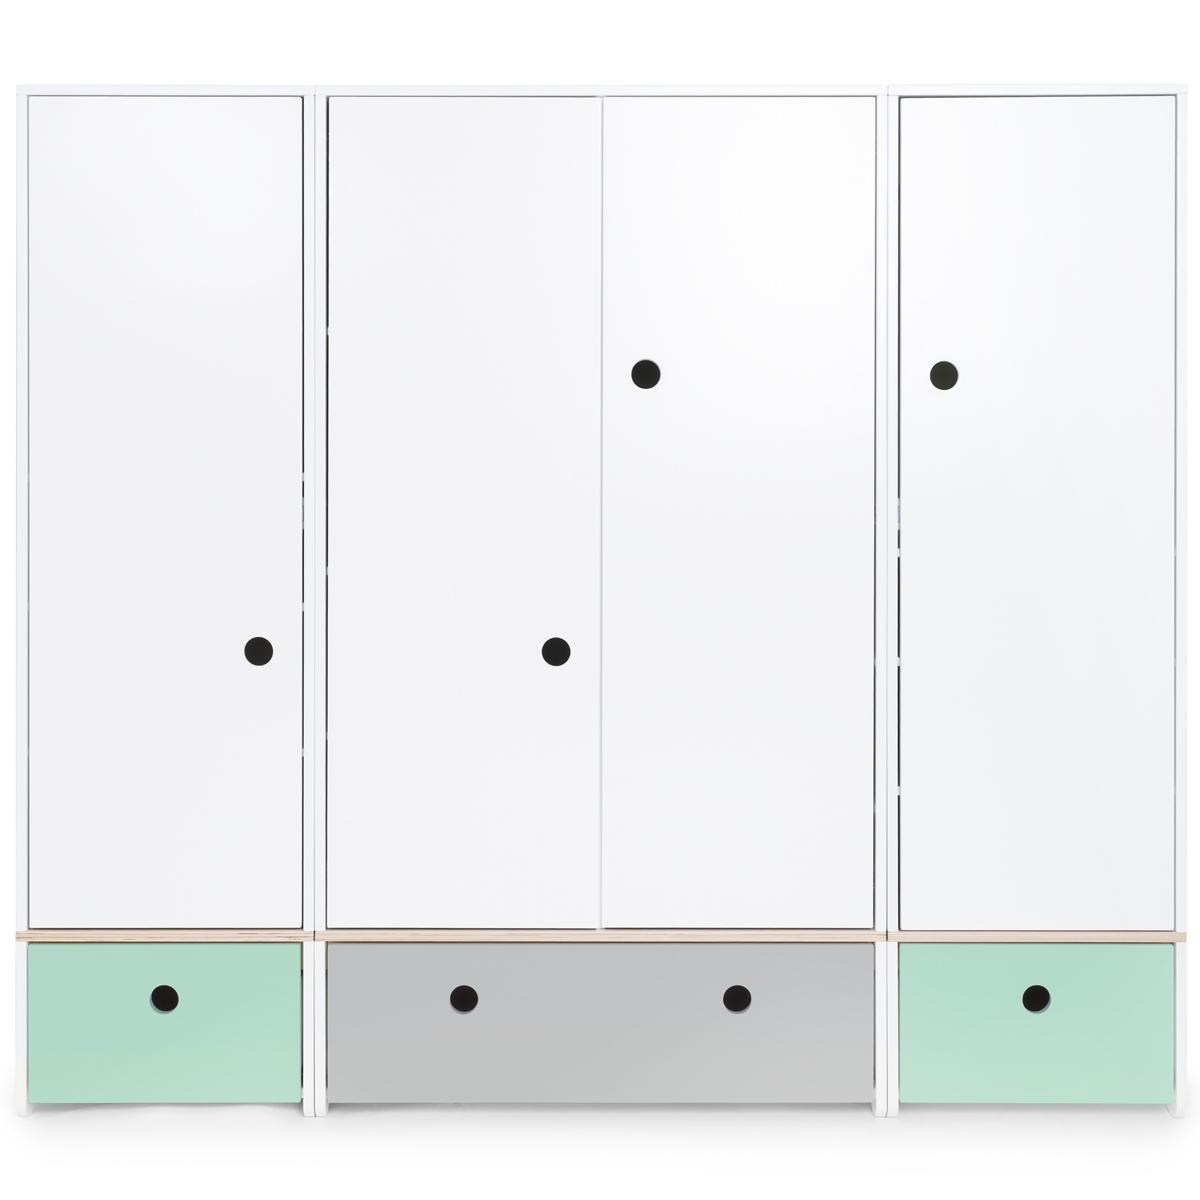 Armoire 4 portes COLORFLEX façades tiroirs mint-pearl grey-mint